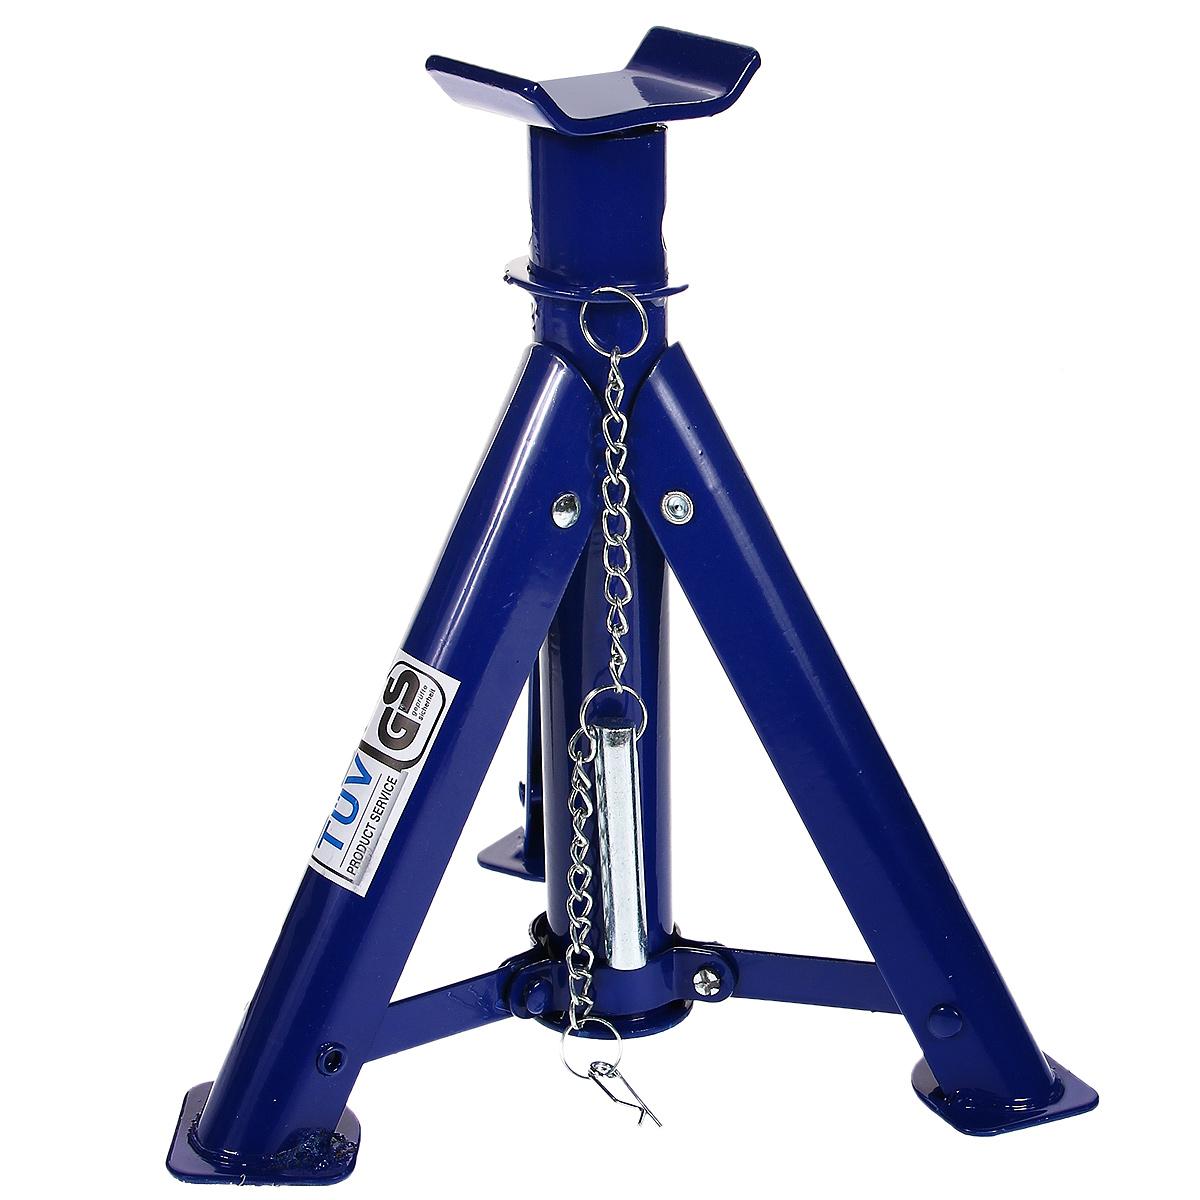 Подставка для автомобиля FIT, складная, 2 кг64590Подставка для автомобиля FIT, изготовленная из инструментальной стали, применяется как средство дополнительной страховки при поднятии автомобиля домкратом. 3 складные ножки для экономии места, удобства перевозки и хранения. Материал: инструментальная сталь. Максимальная нагрузка: 2 т. Высота подъема: 275-365 мм.